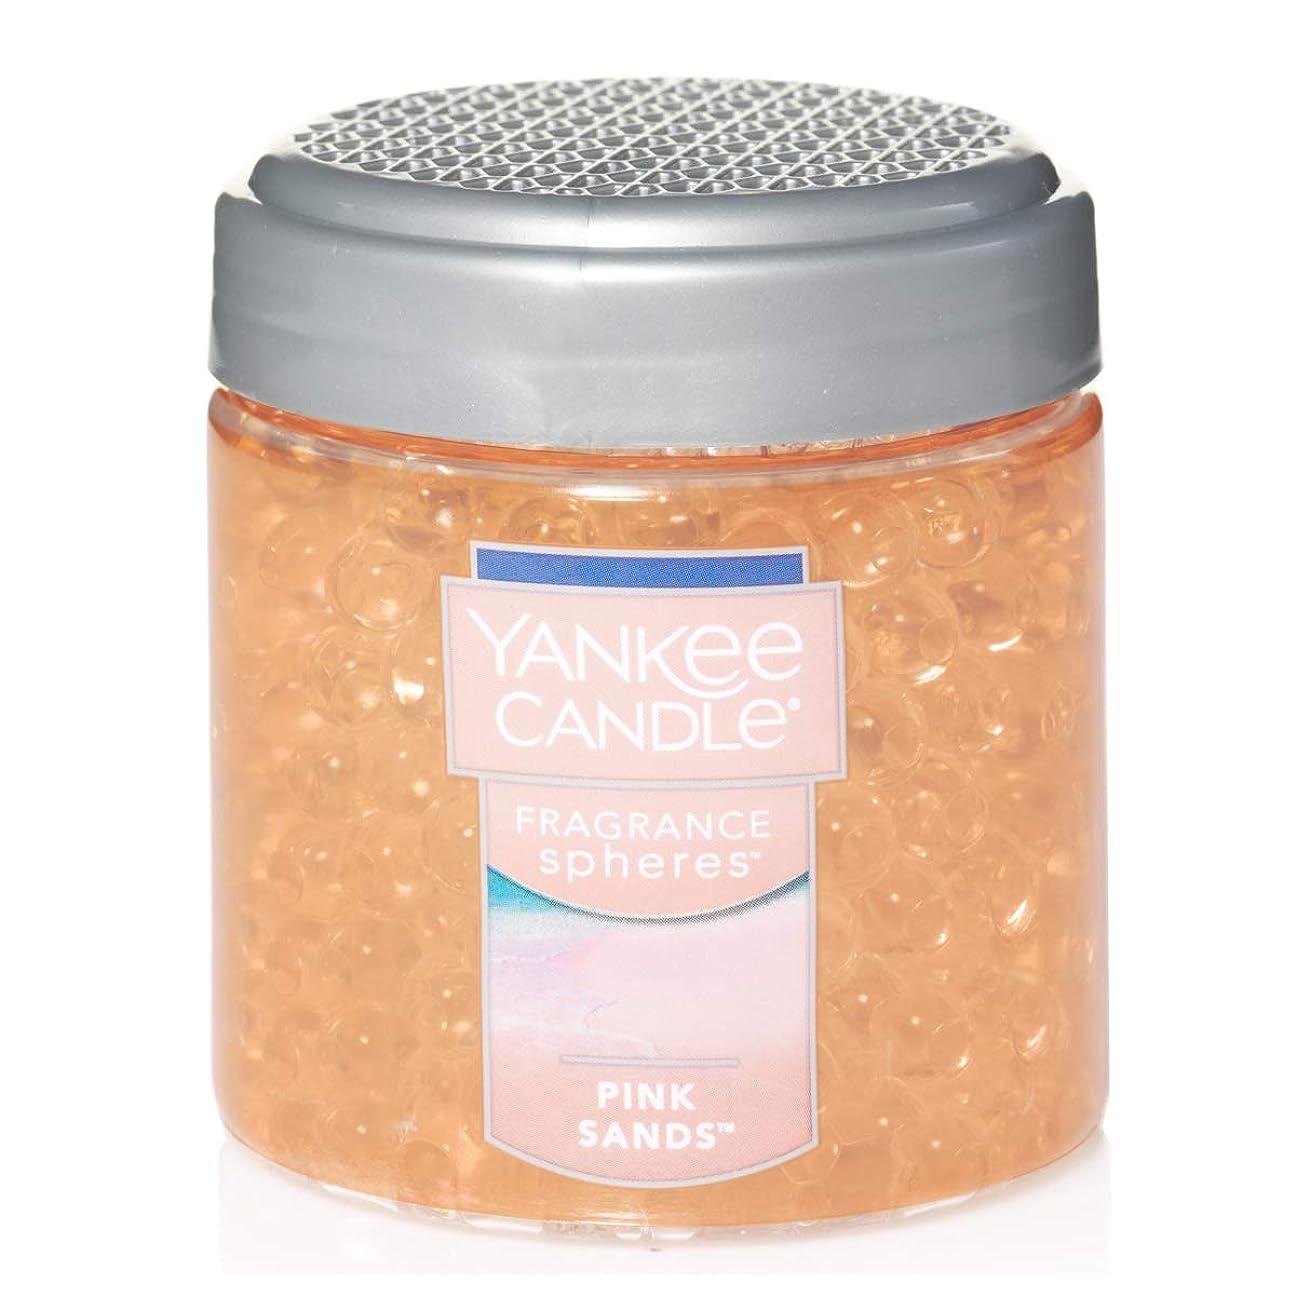 被る故障中うまヤンキーキャンドル(YANKEE CANDLE) YANKEE CANDLE フレグランスビーズ 「 ピンクサンド 」6個セット